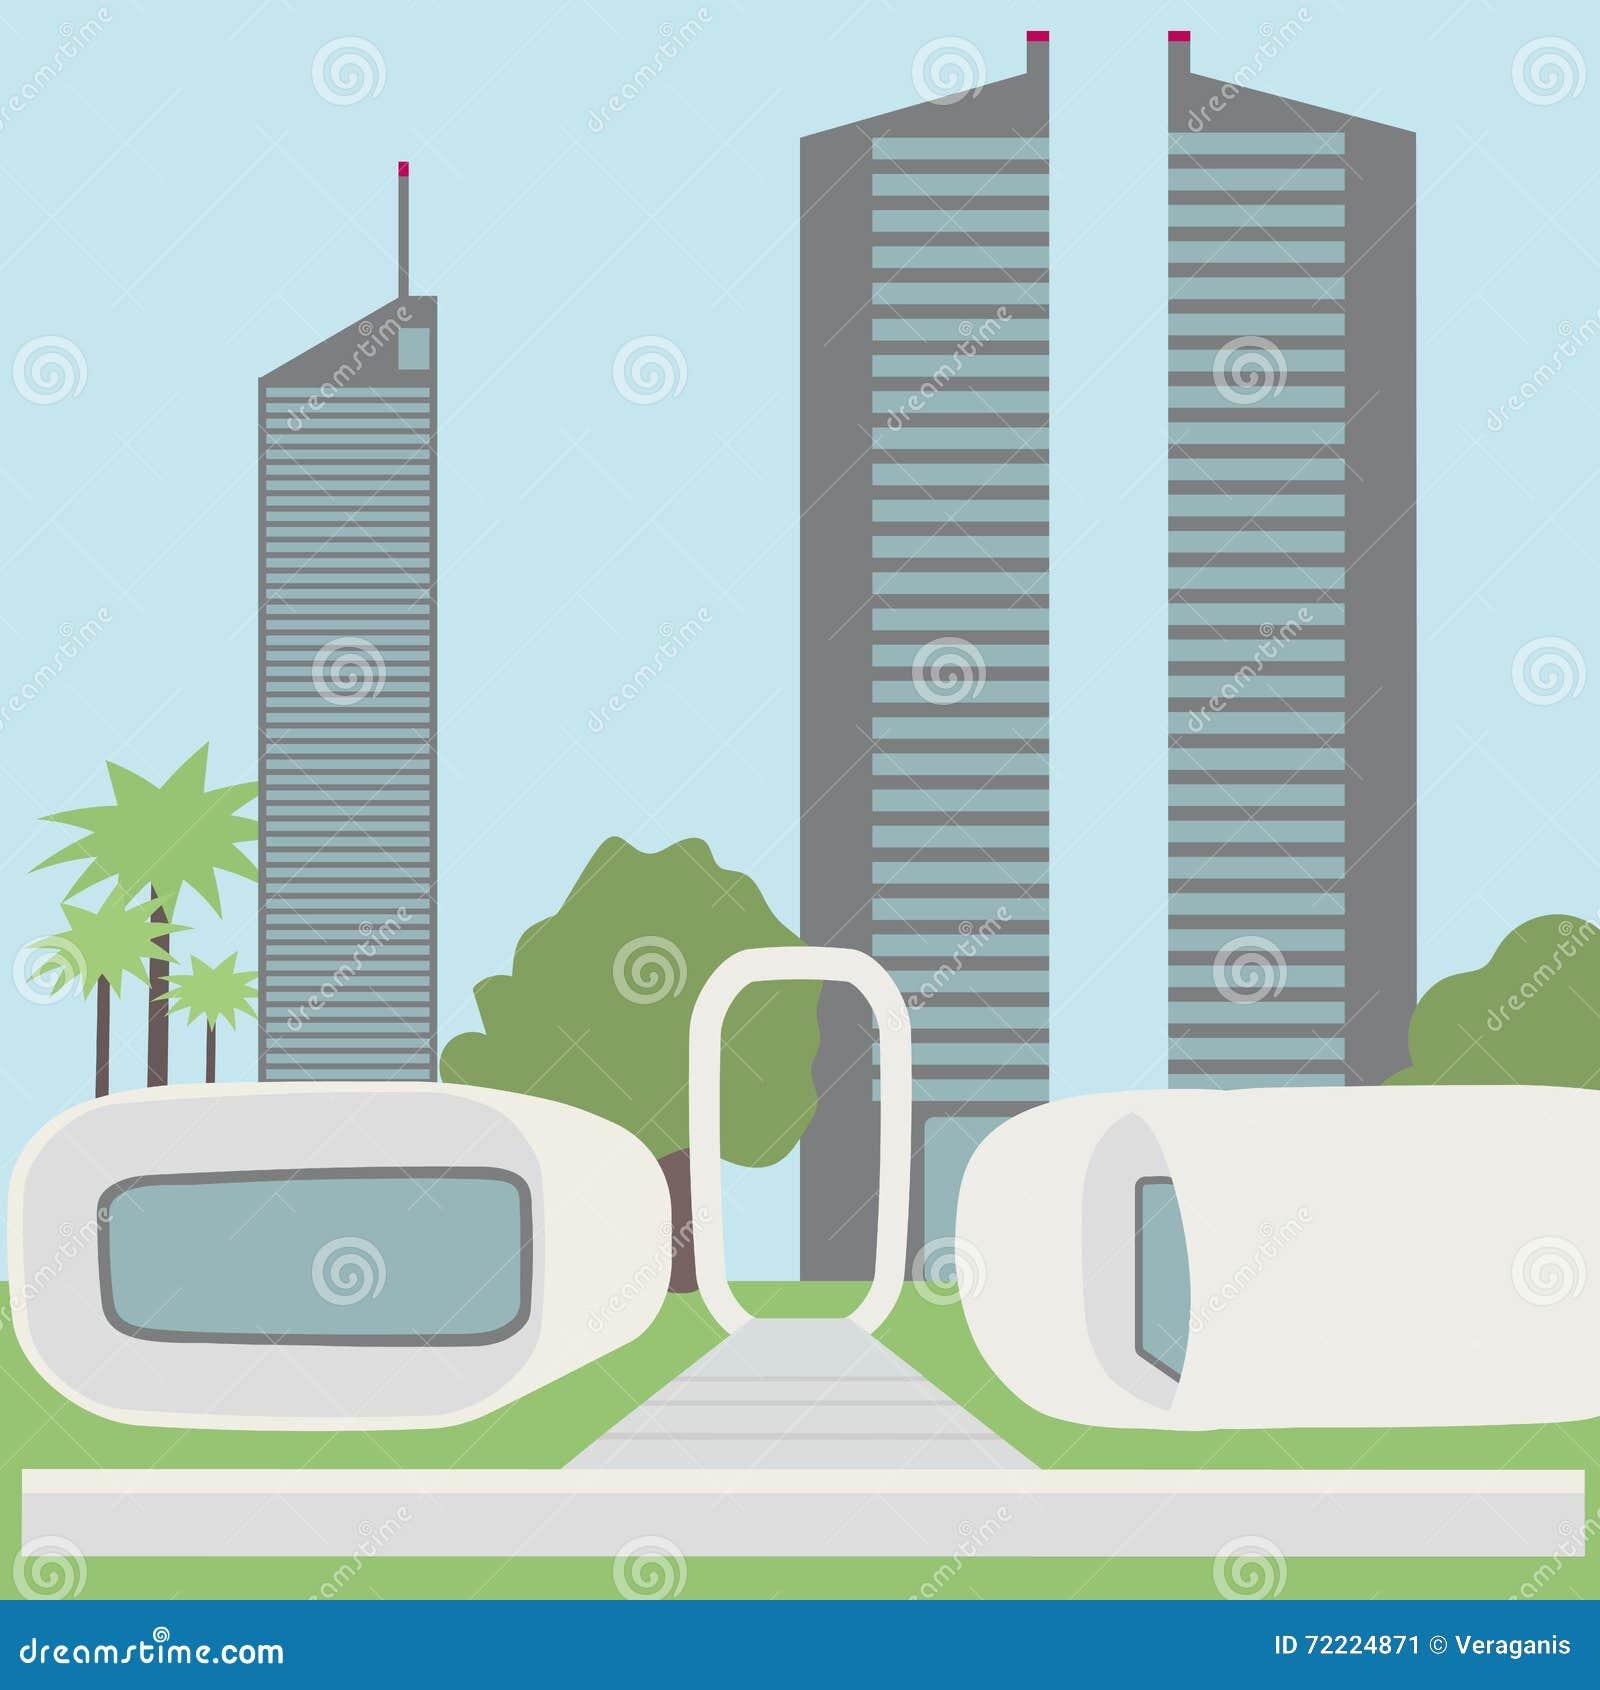 Czynnościowy 3D drukowany budynek biurowy futurystyczny krajobraz, widok nowożytny miasto